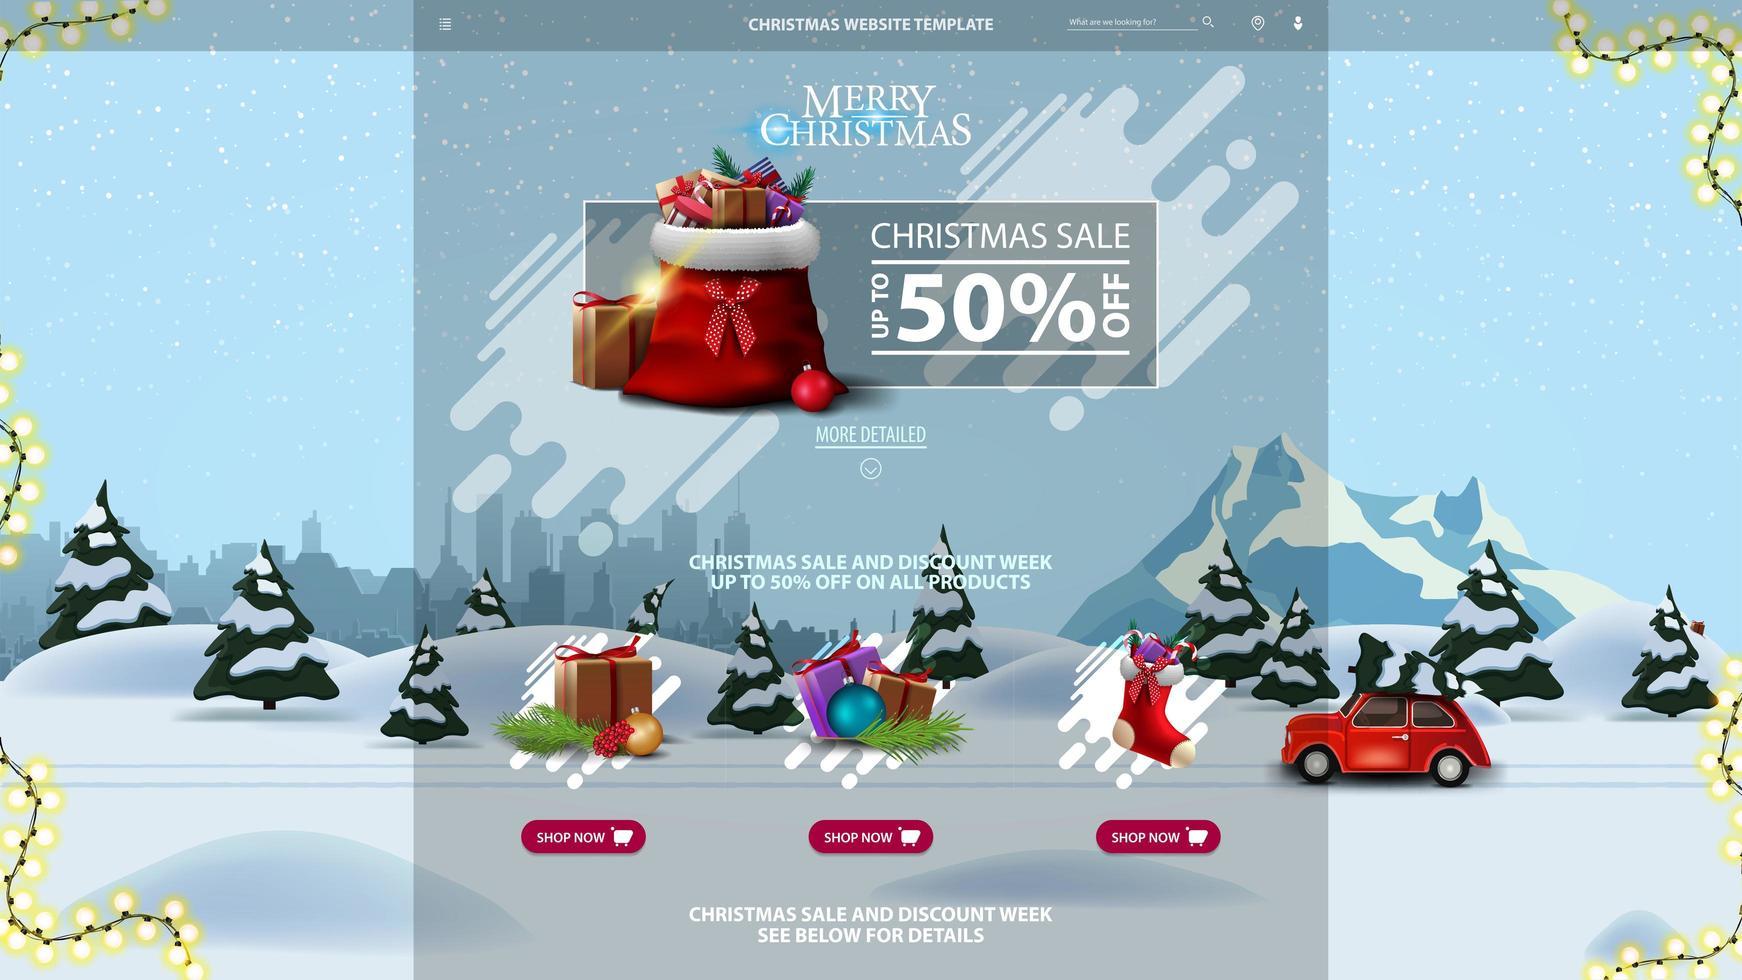 jul webbplats mall med rabatt banner med jultomten väska med presenter och tecknad vinterlandskap med röd vintage bil bär julgran i bakgrunden vektor